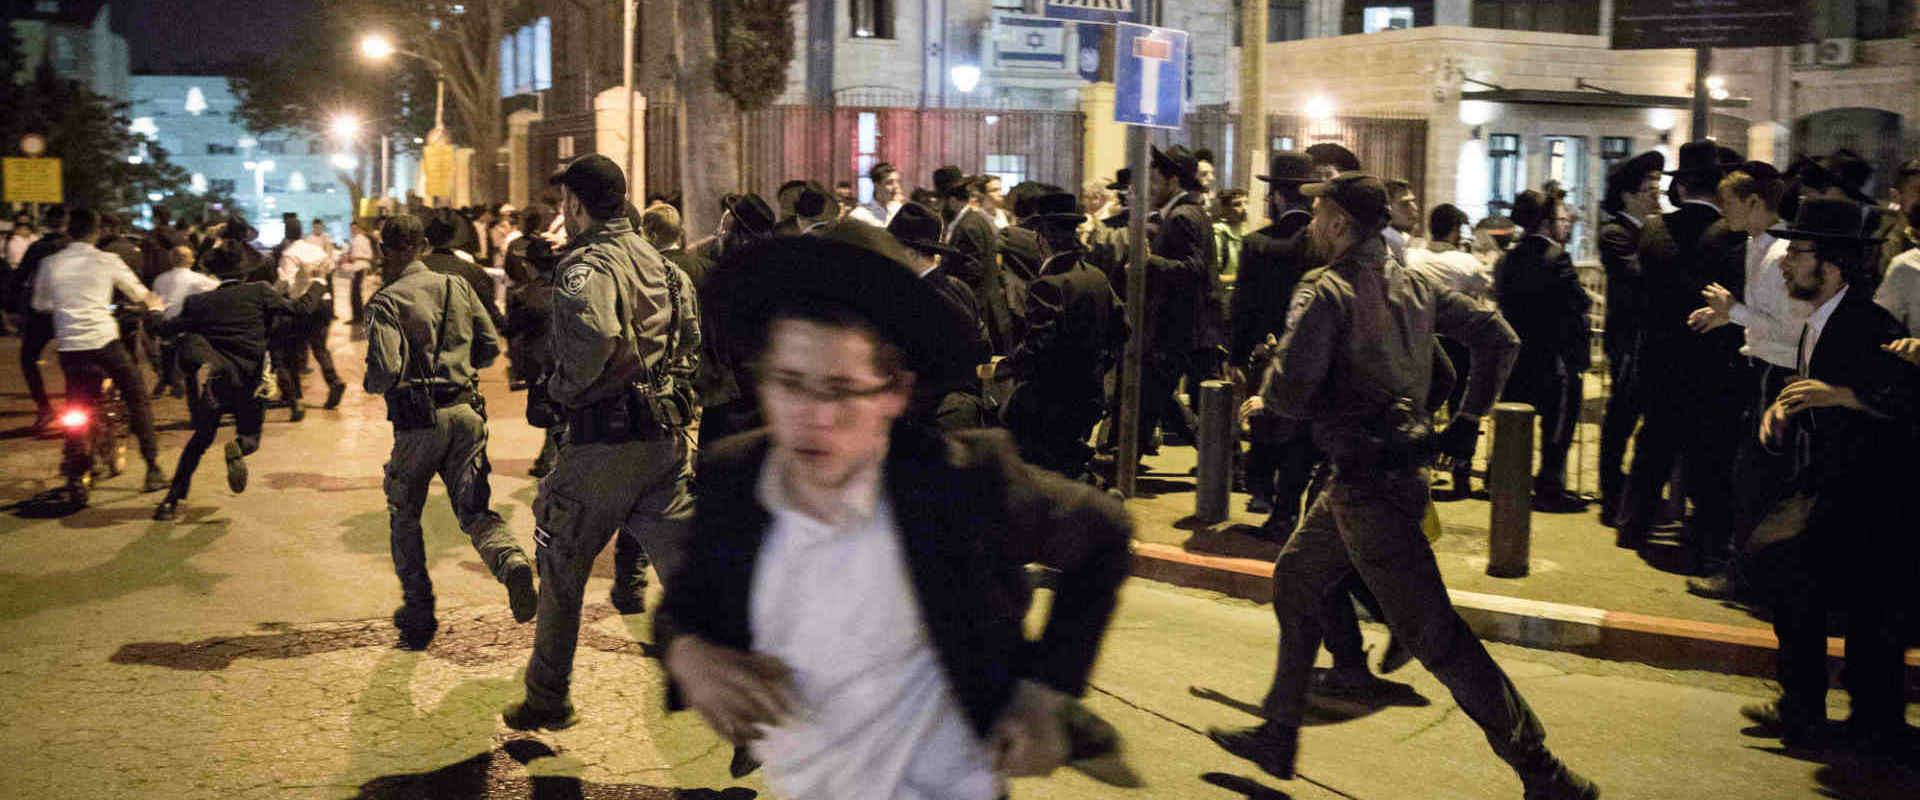 הפגנת החרדים בירושלים